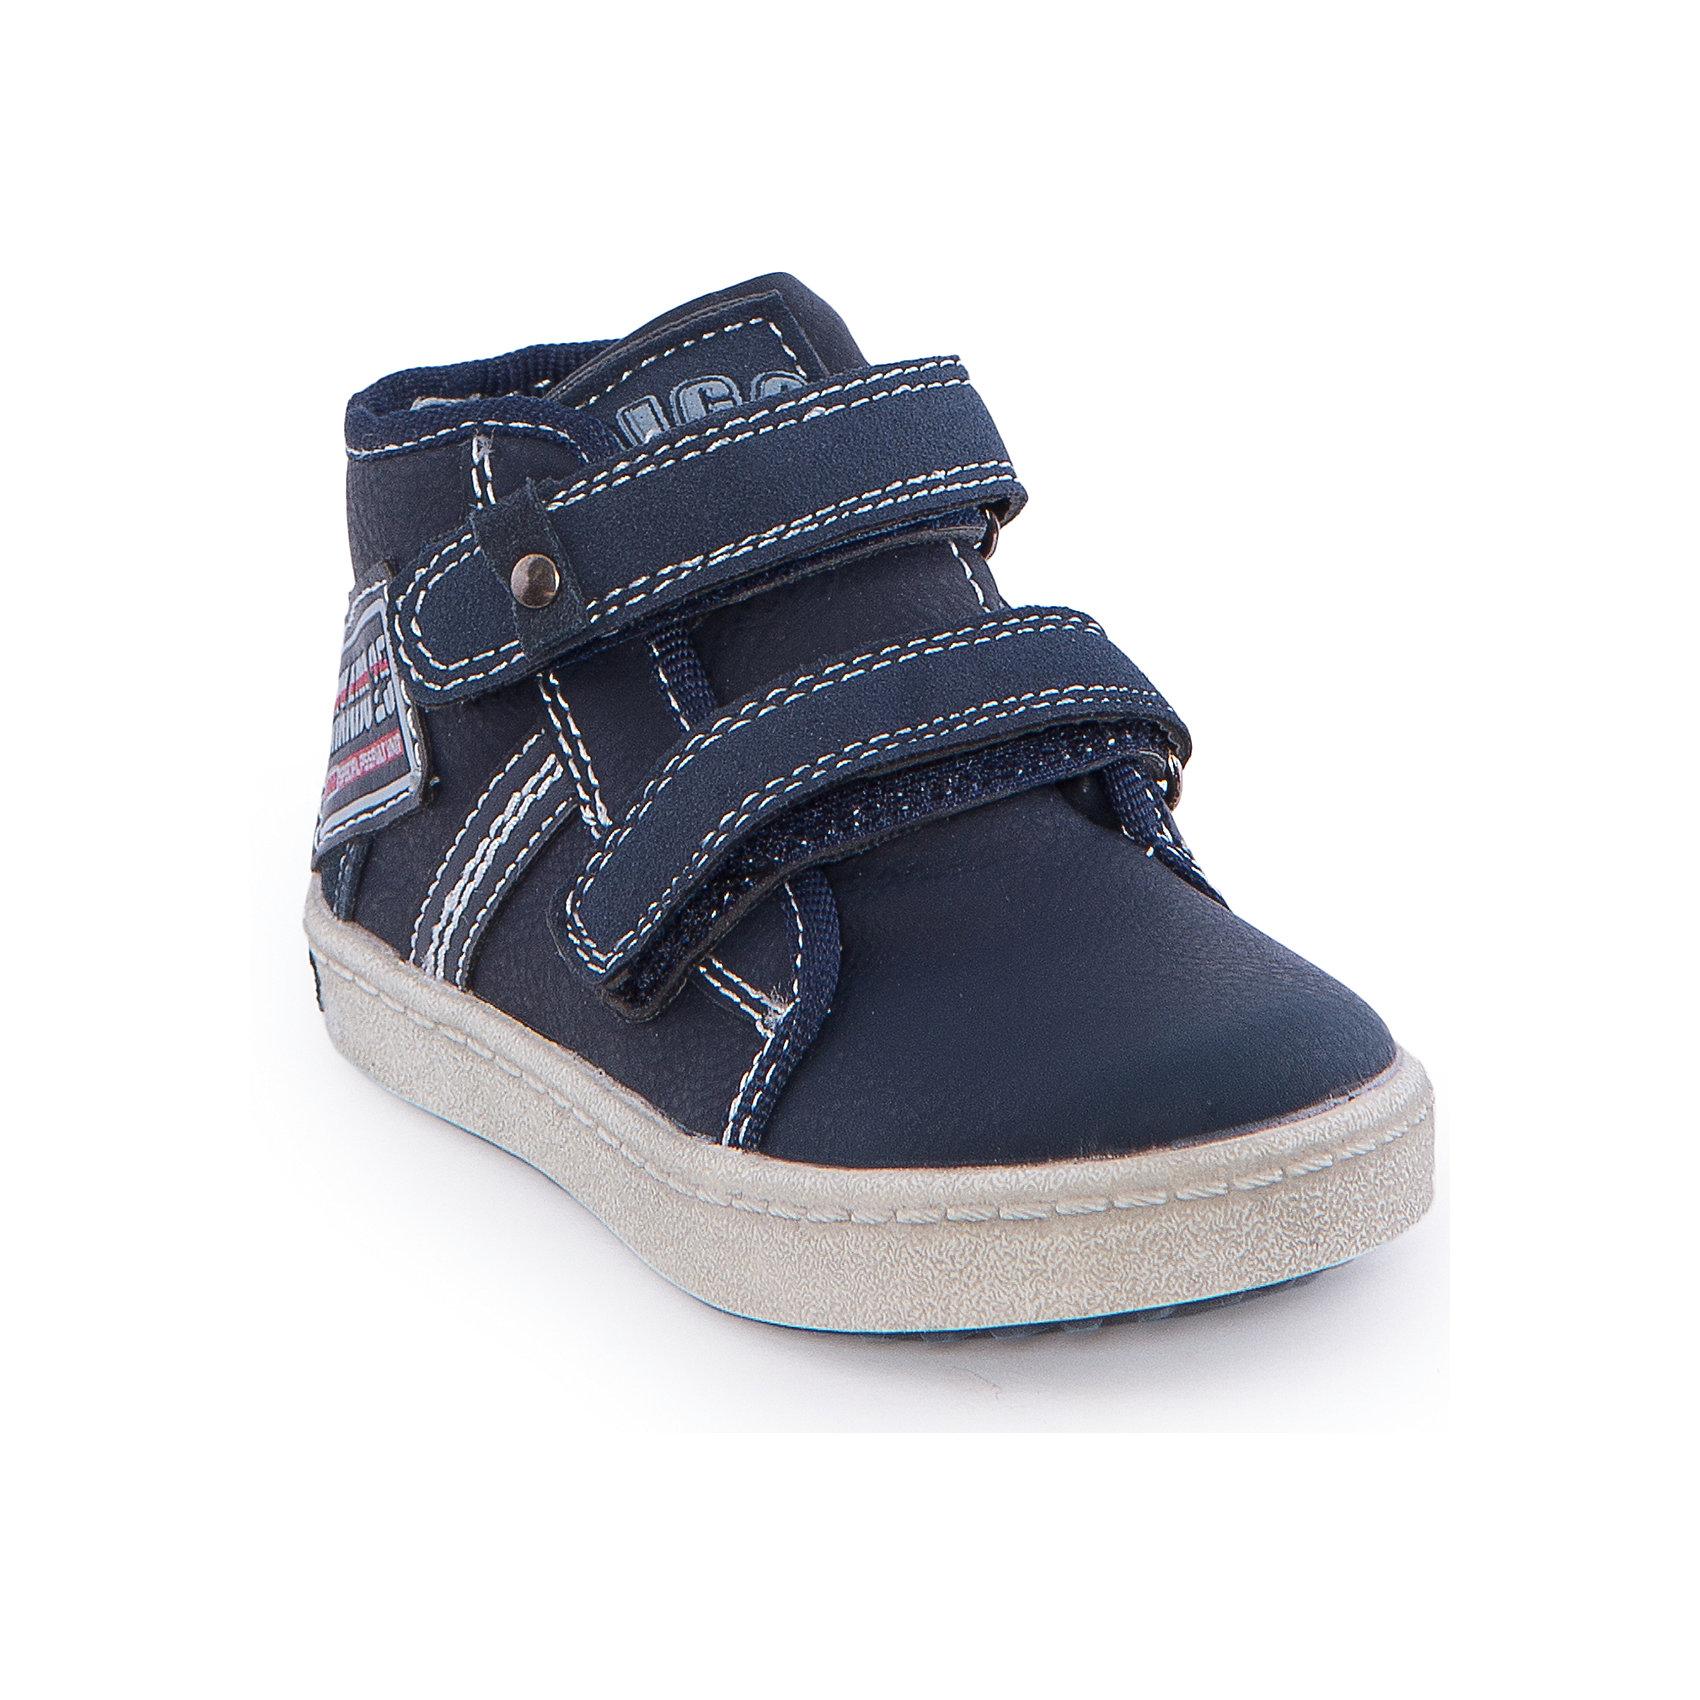 Ботинки для мальчика Indigo kidsОбувь для малышей<br>Ботинки для мальчика от известного бренда Indigo kids <br> <br>Оригинальные ботинки с завышенным голенищем созданы для прохладной погоды. Они очень стильно смотрятся. Ботинки легко надеваются, комфортно садятся по ноге, дают коже дышать. <br> <br>Особенности модели: <br> <br>- цвет: синий; <br>- стильный дизайн; <br>- удобная колодка; <br>- каблук; <br>- двойная контрастная прошивка; <br>- декорированы нашивкой; <br>- устойчивая нескользящая подошва; <br>- застежка: шнуровка и молния. <br> <br>Дополнительная информация: <br> <br>Состав: <br> <br>верх – искусственная кожа; <br>подкладка - текстиль; <br>подошва - ТЭП. <br> <br>Температурный режим: <br>от +5°С до +20°С <br> <br>Ботинки для мальчика Indigo kids (Индиго Кидс) можно купить в нашем магазине.<br><br>Ширина мм: 262<br>Глубина мм: 176<br>Высота мм: 97<br>Вес г: 427<br>Цвет: синий<br>Возраст от месяцев: 21<br>Возраст до месяцев: 24<br>Пол: Мужской<br>Возраст: Детский<br>Размер: 27,25,23,22,26,24<br>SKU: 4547880